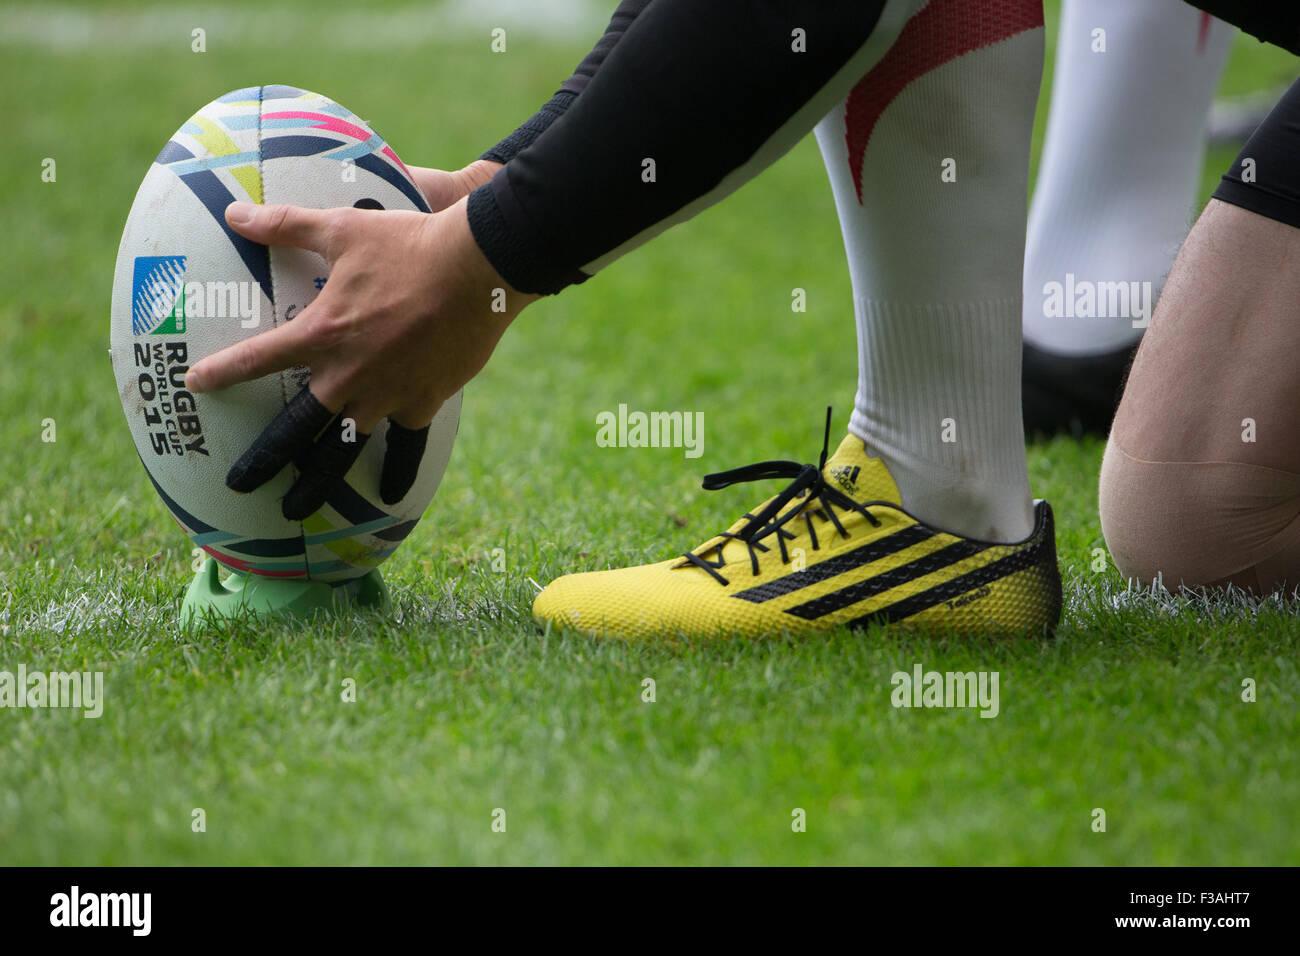 Stadium MK, Milton Keynes, UK. 3ème Oct 2015. Match de la Coupe du Monde de Rugby 2015 - Samoa 24 V au Japon. Photo Stock